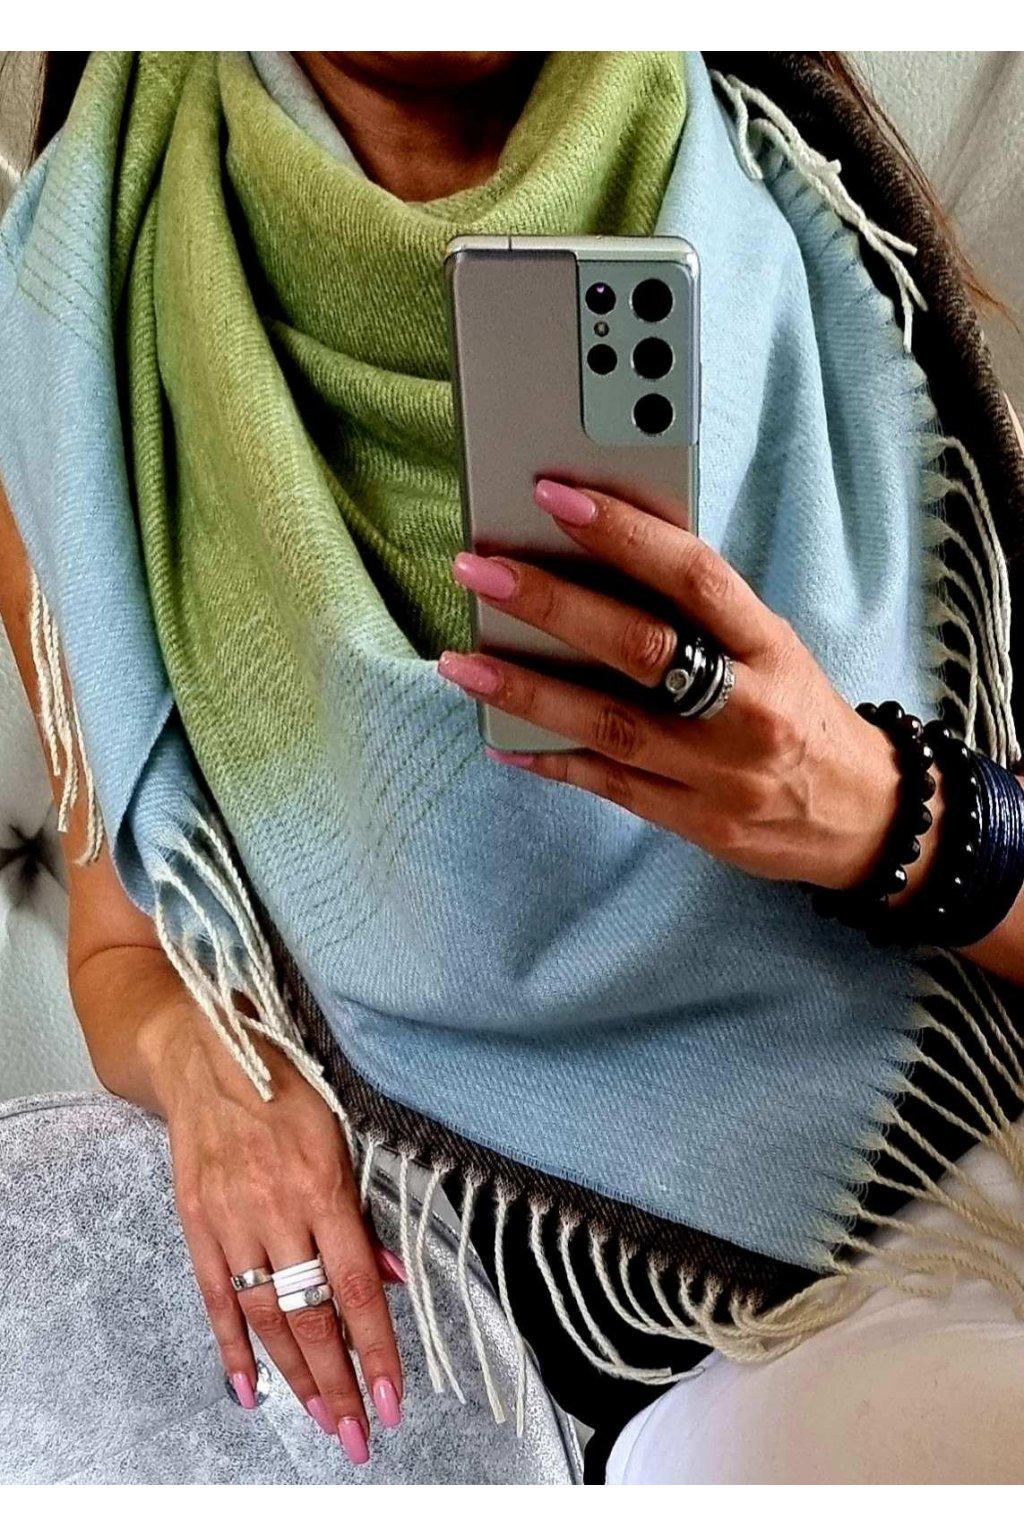 šátek trendy florence zelenomodrohnědý